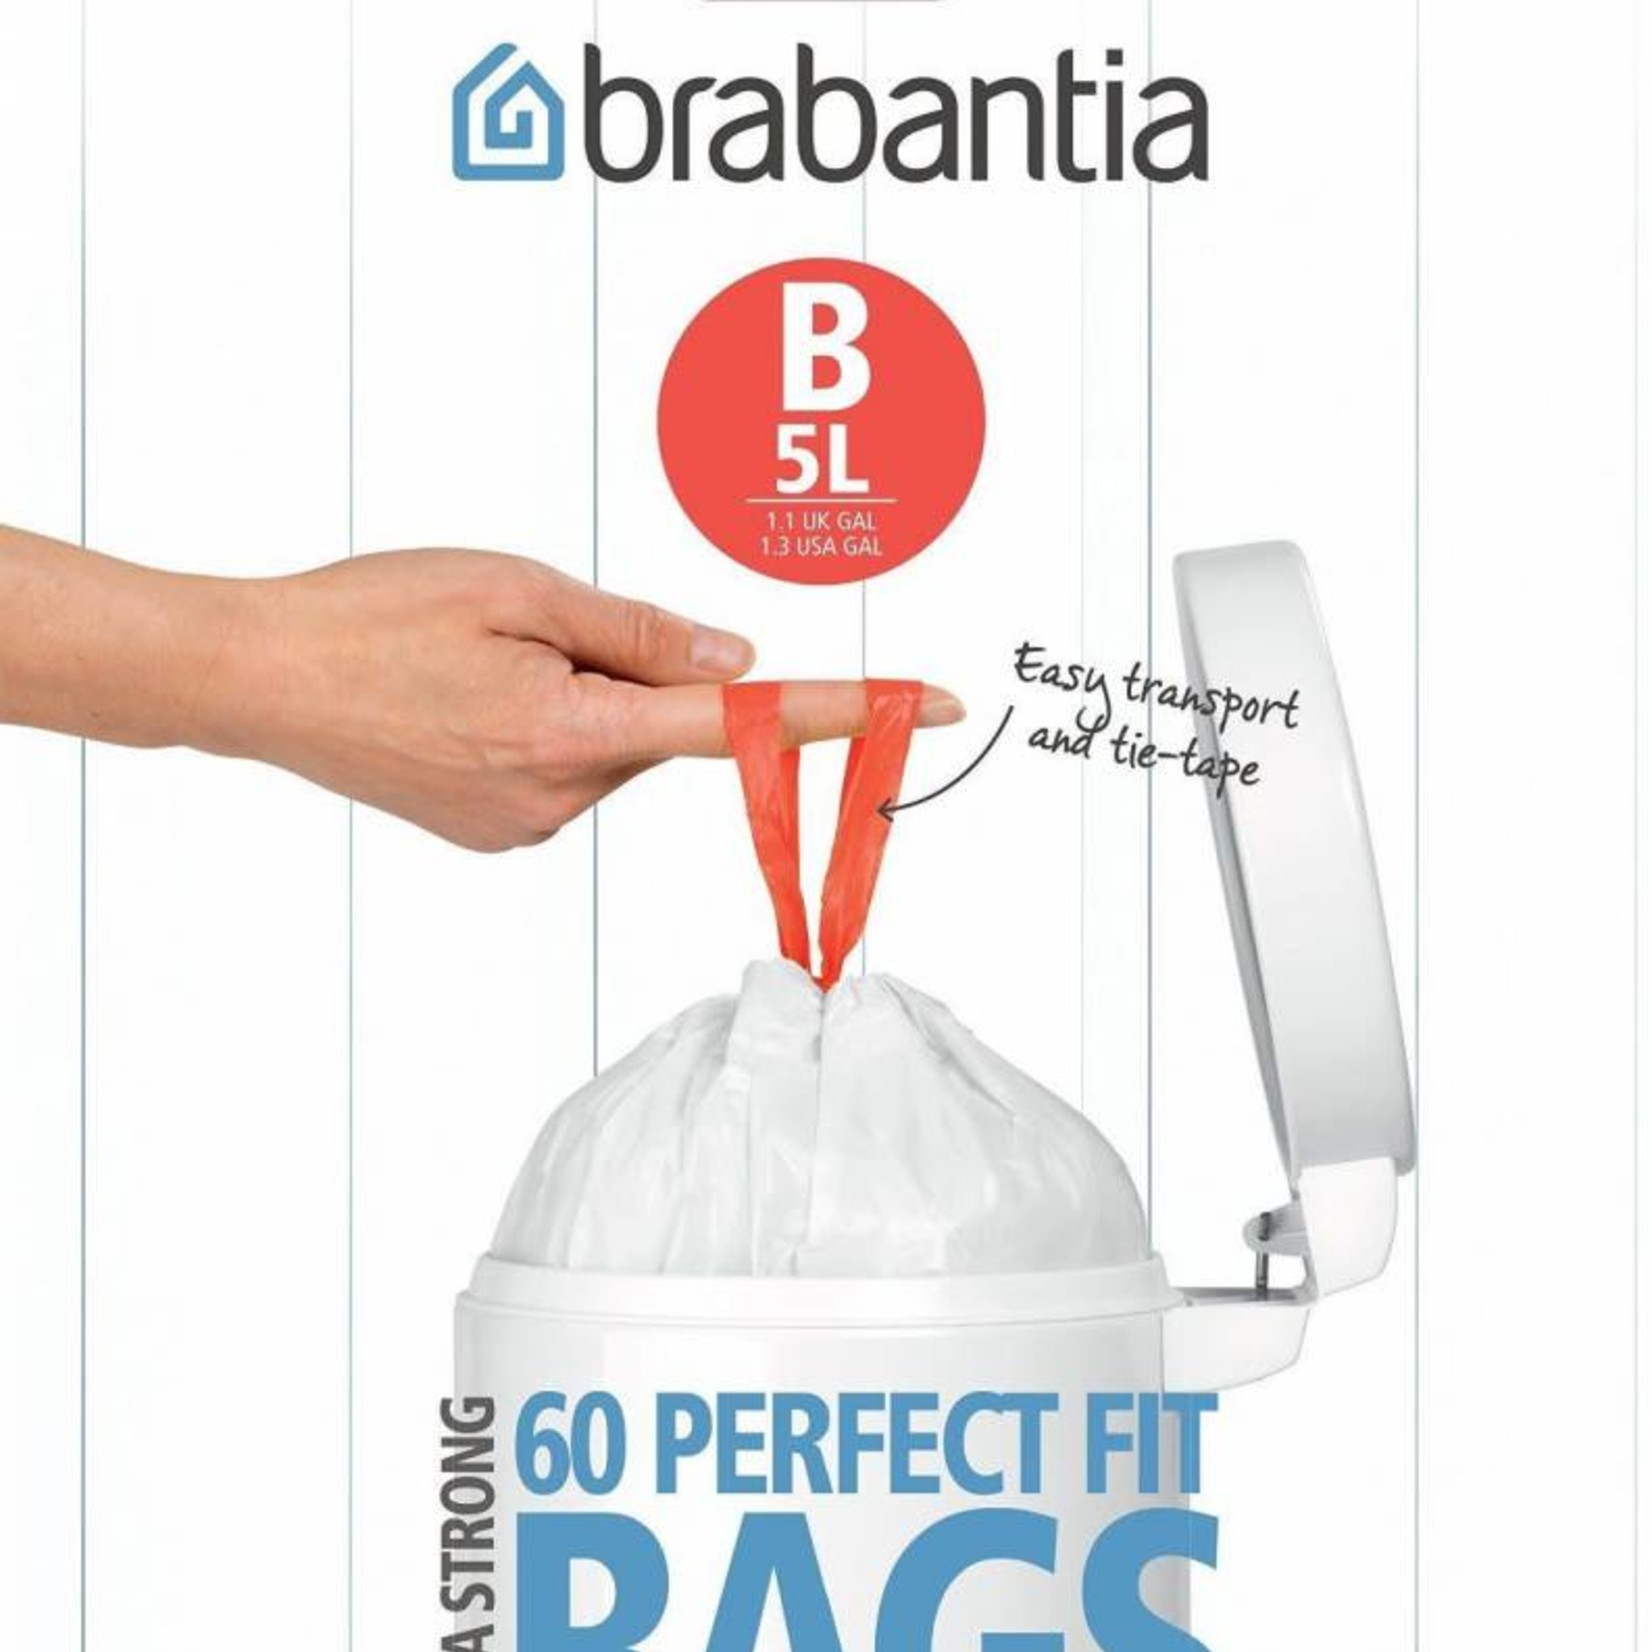 Brabantia BRABANTIA PERFECTFIT BAGS B, 5 LITRE [DISPENSER PACK OF 60 BAGS]